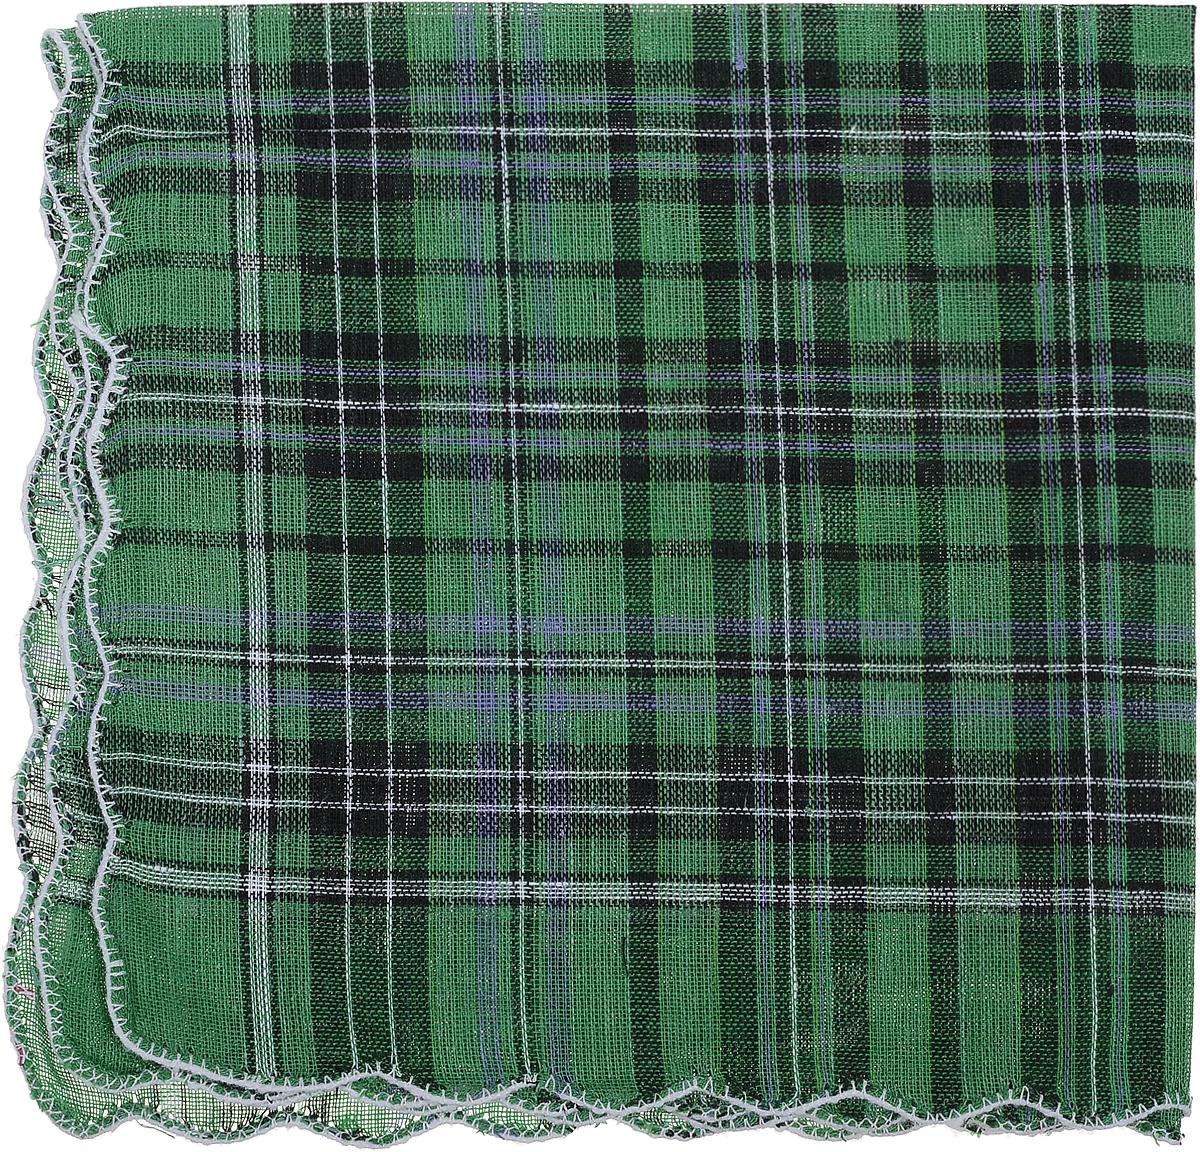 Платок носовой женский Zlata Korunka, цвет: зеленый, черный. 45478. Размер 27 см х 27 смСерьги с подвескамиПлаток носовой женский Zlata Korunka, цвет: зеленый, черный. 45478. Размер 27 см х 27 см